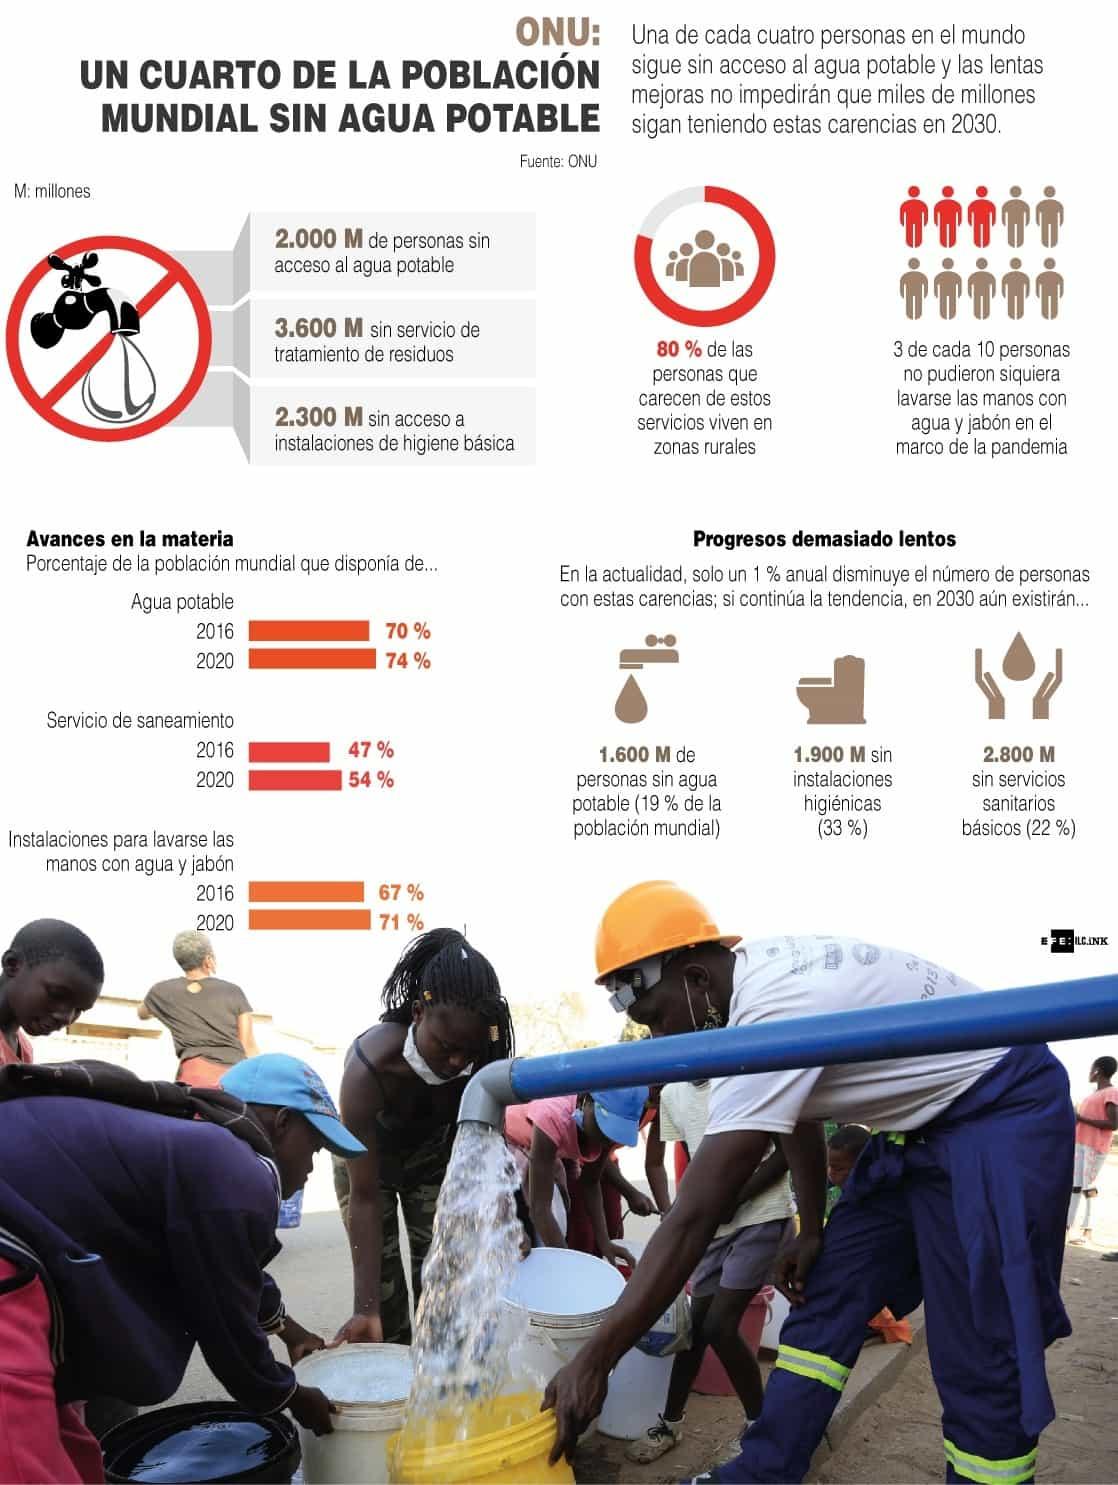 [Infografía] - La ONU denuncia que un 25 % de la población mundial sigue sin agua potable 1